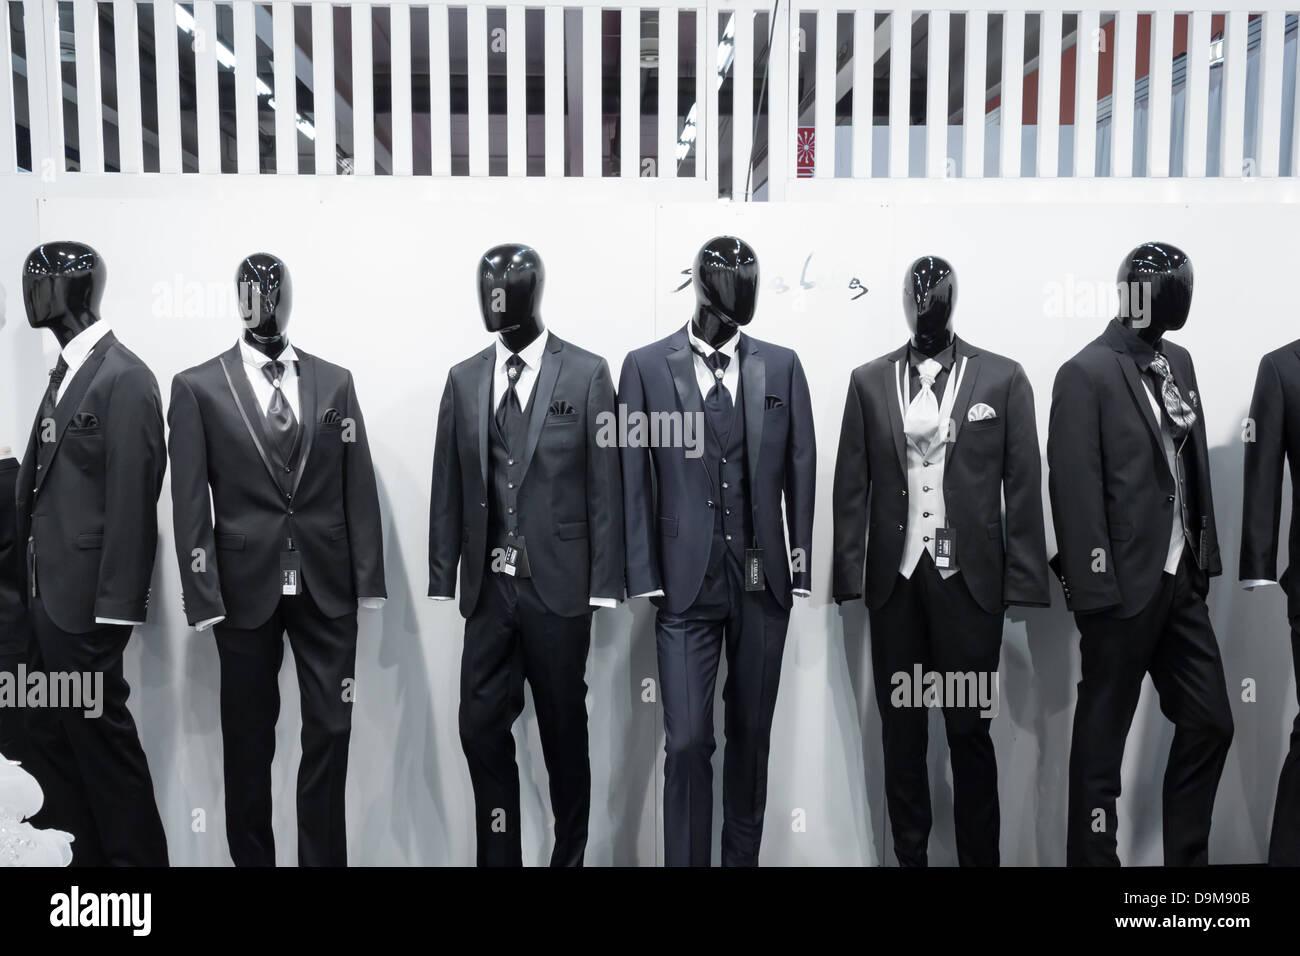 Milano, Italia - 21 Giugno 2013: la gente visita SposaItalia, Salone internazionale della sposa e usura formale Immagini Stock